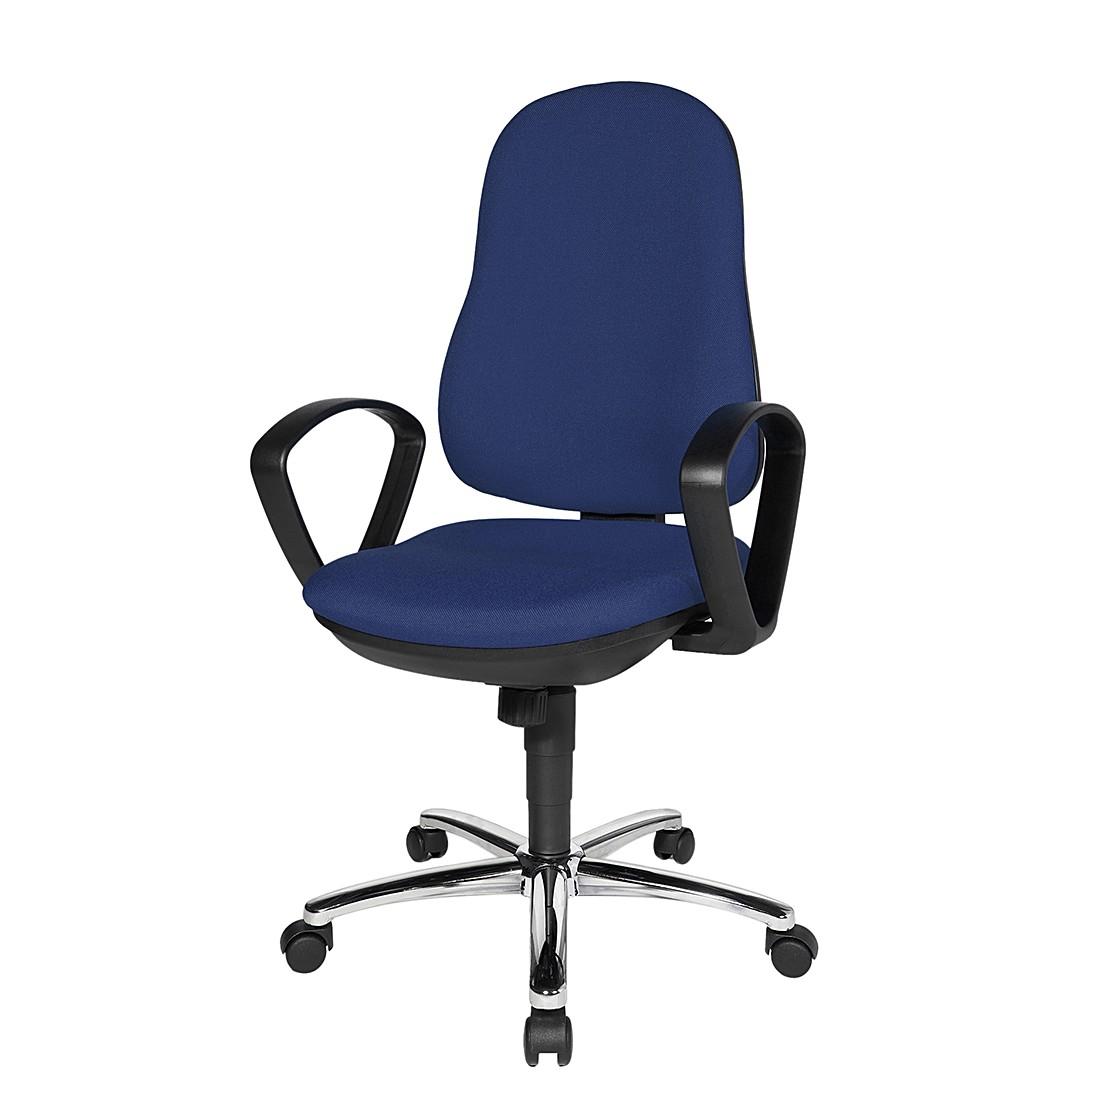 Bürostuhl Syncro Steel – Textilbezug – Blau/Schwarz, Topstar kaufen